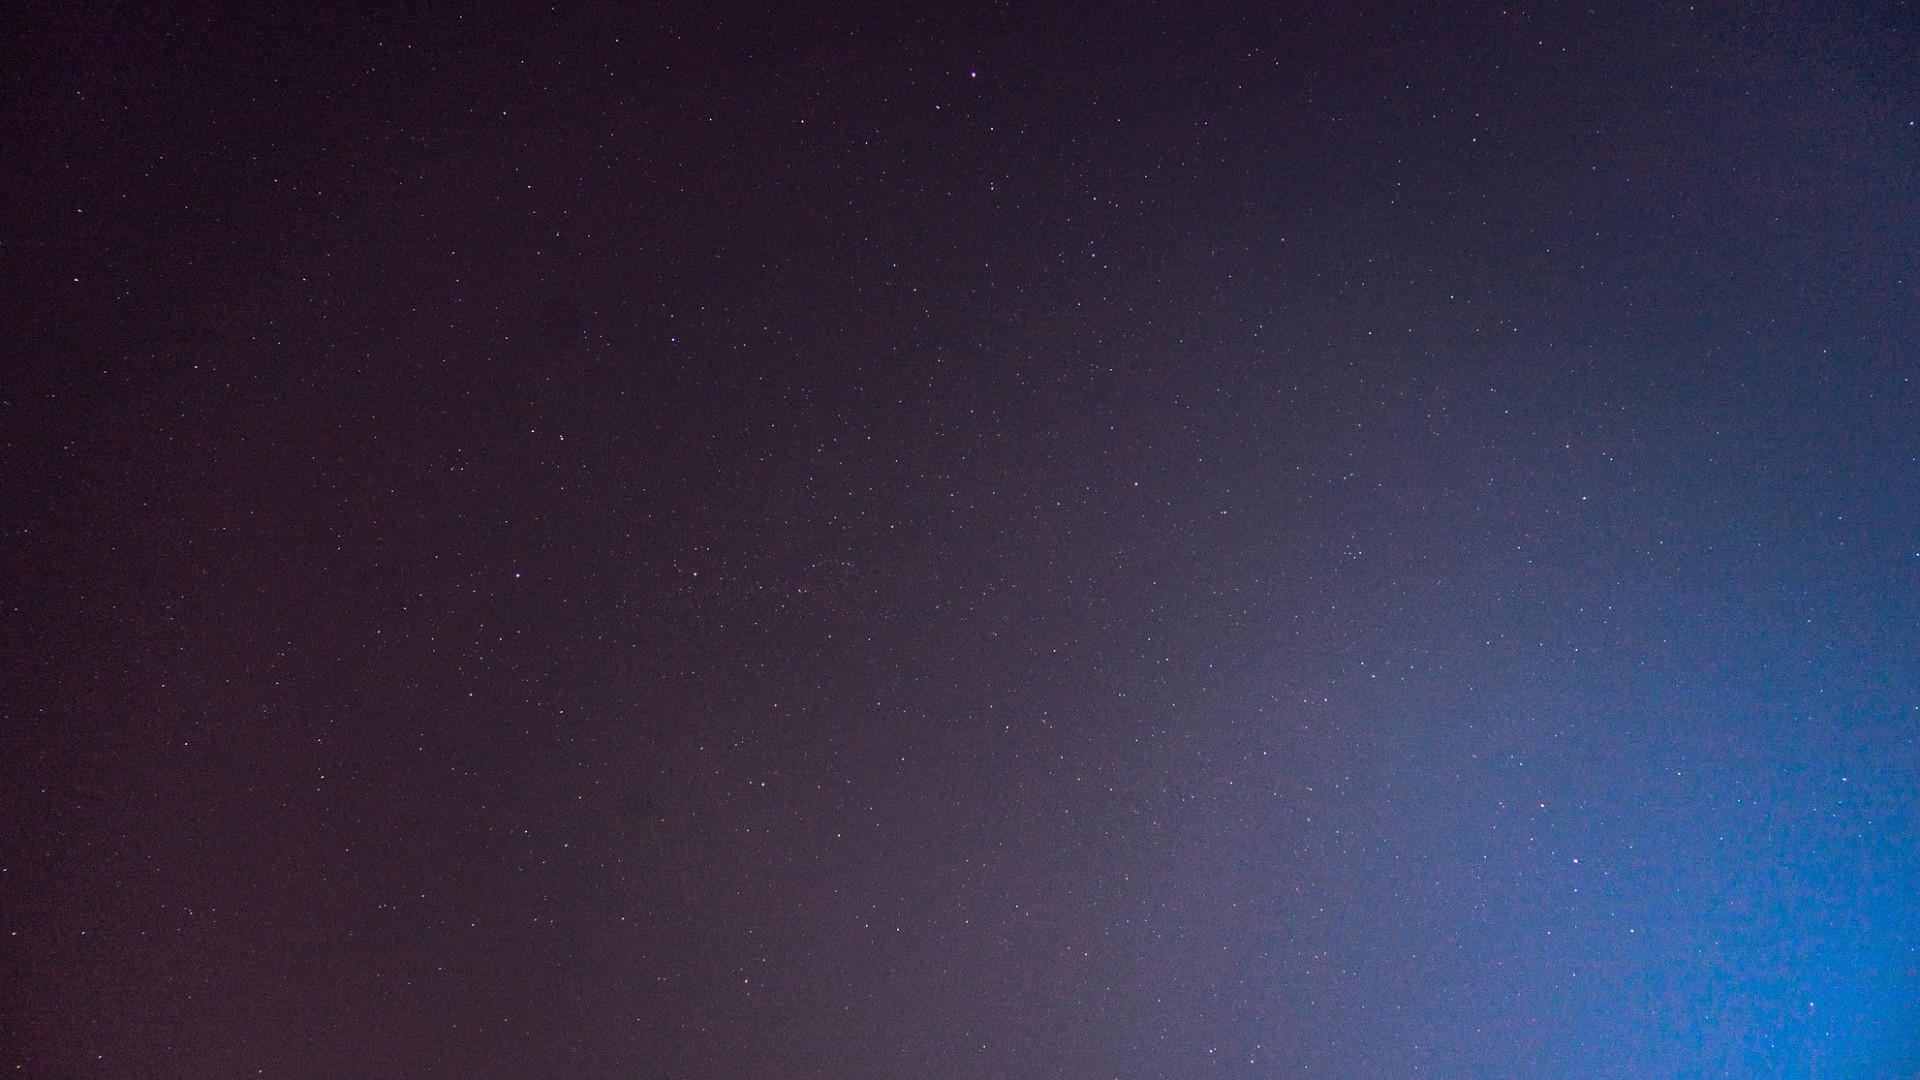 Expansion de l'Univers : un nouveau type d'énergie noire pourrait-il résoudre le mystère ? - Numerama